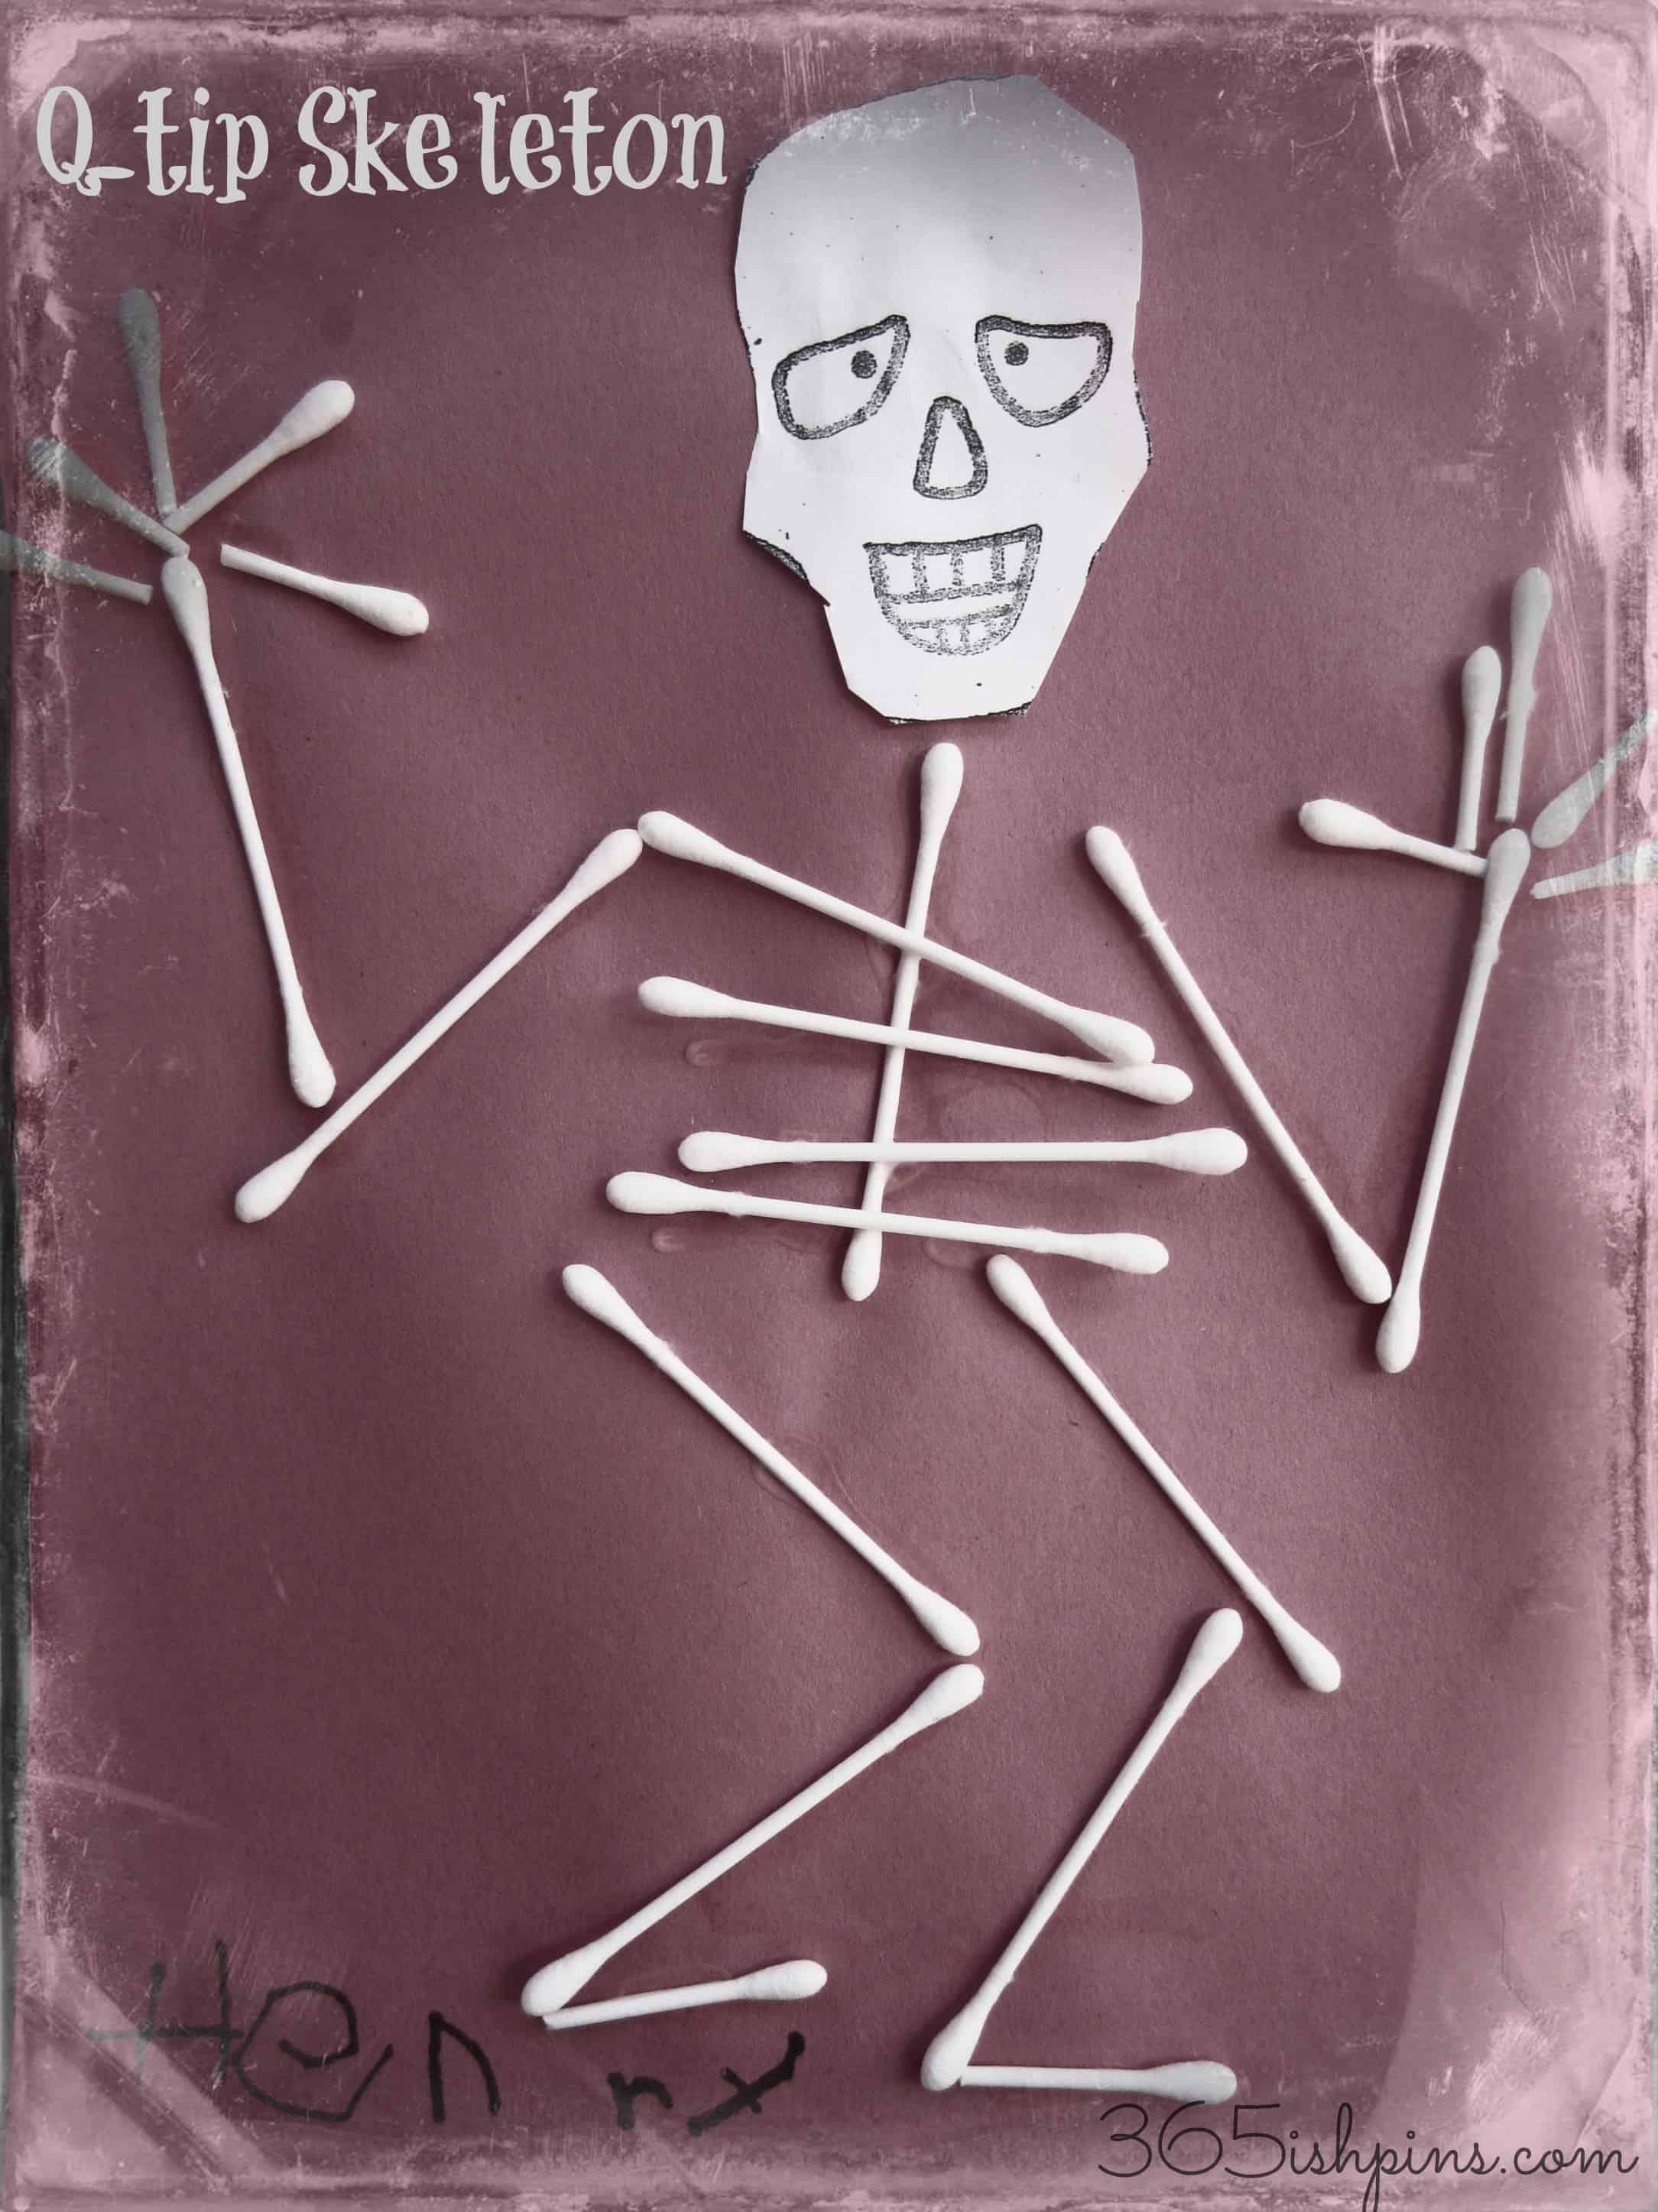 Q-tip Skeletons: Vol. 2, Day 37